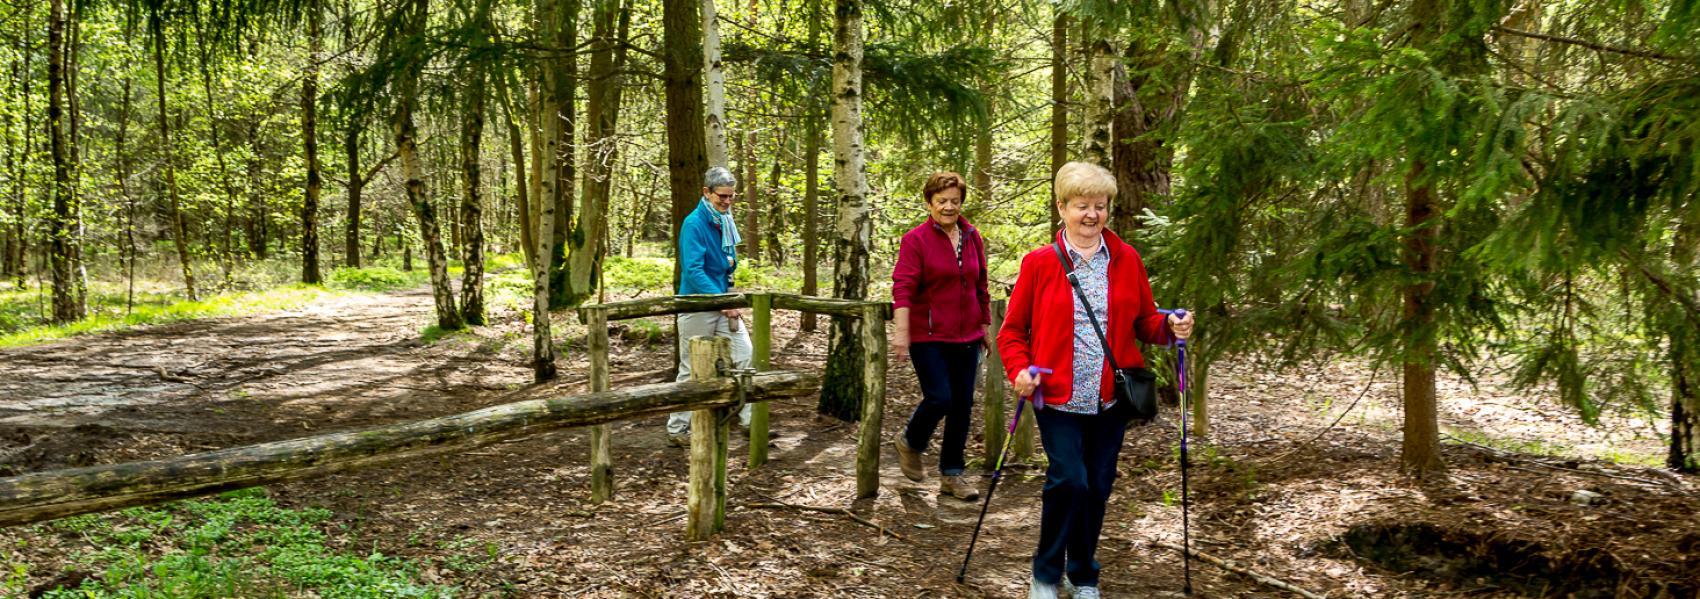 nordic walking in het bos